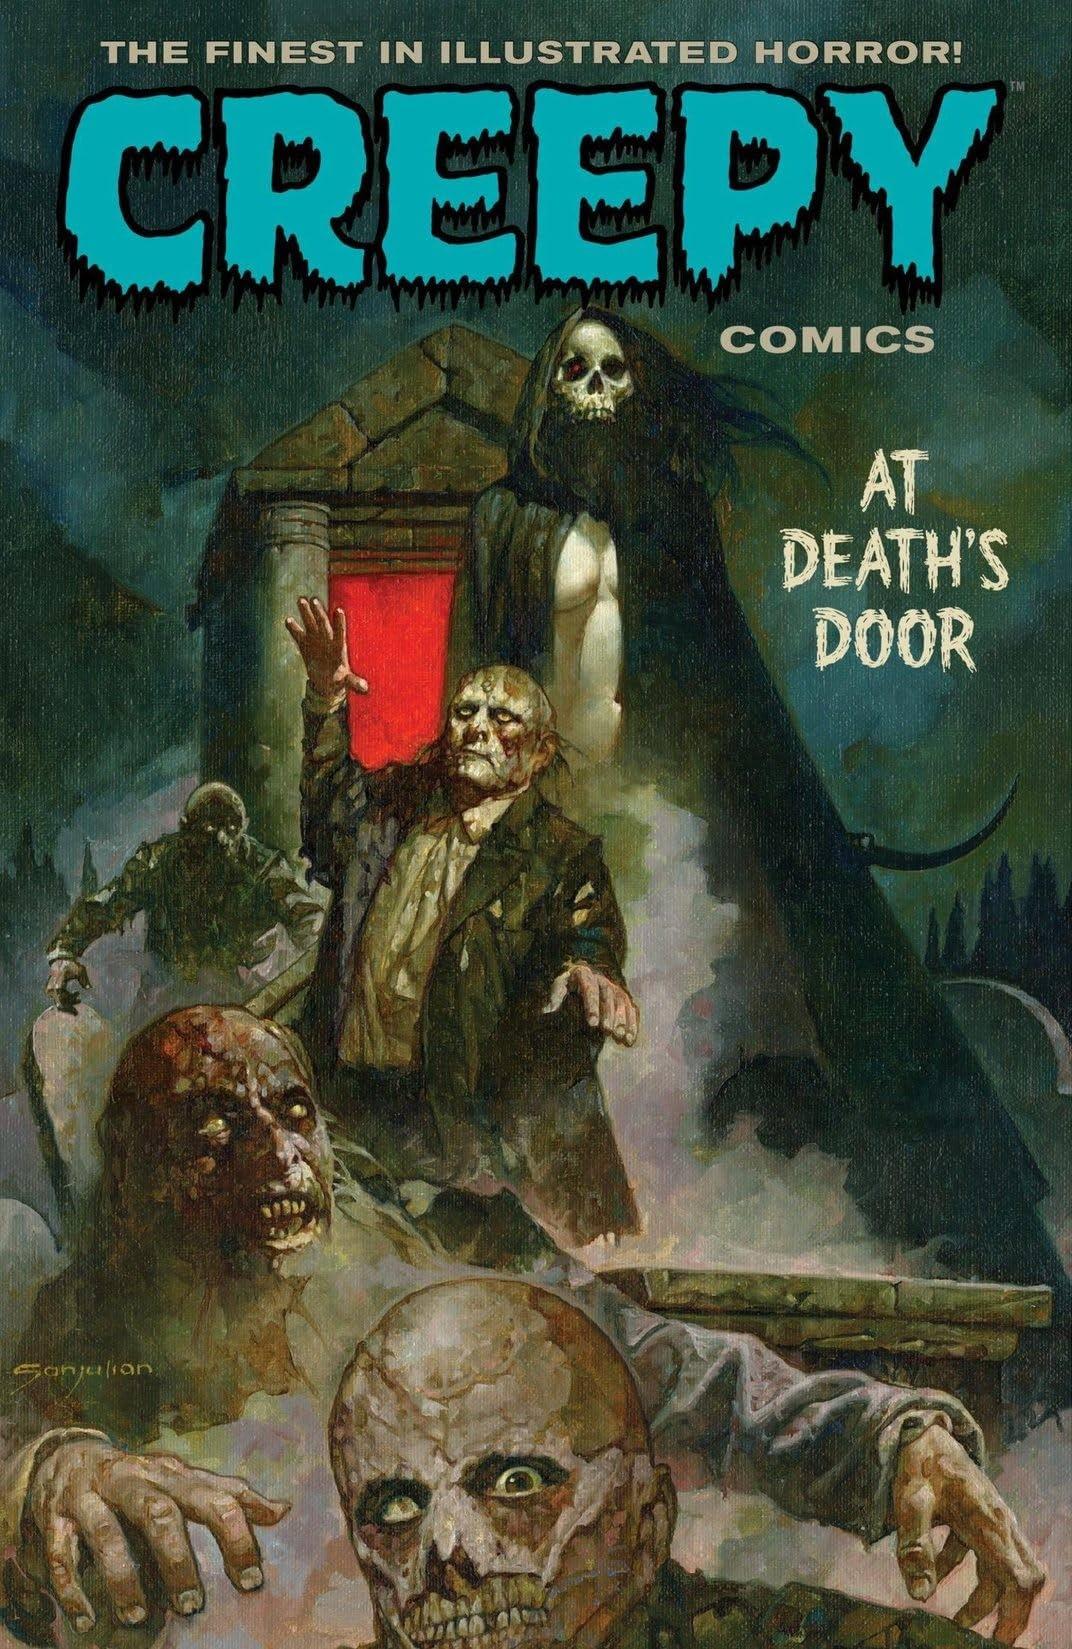 Creepy Comics Vol. 2: At Death's Door